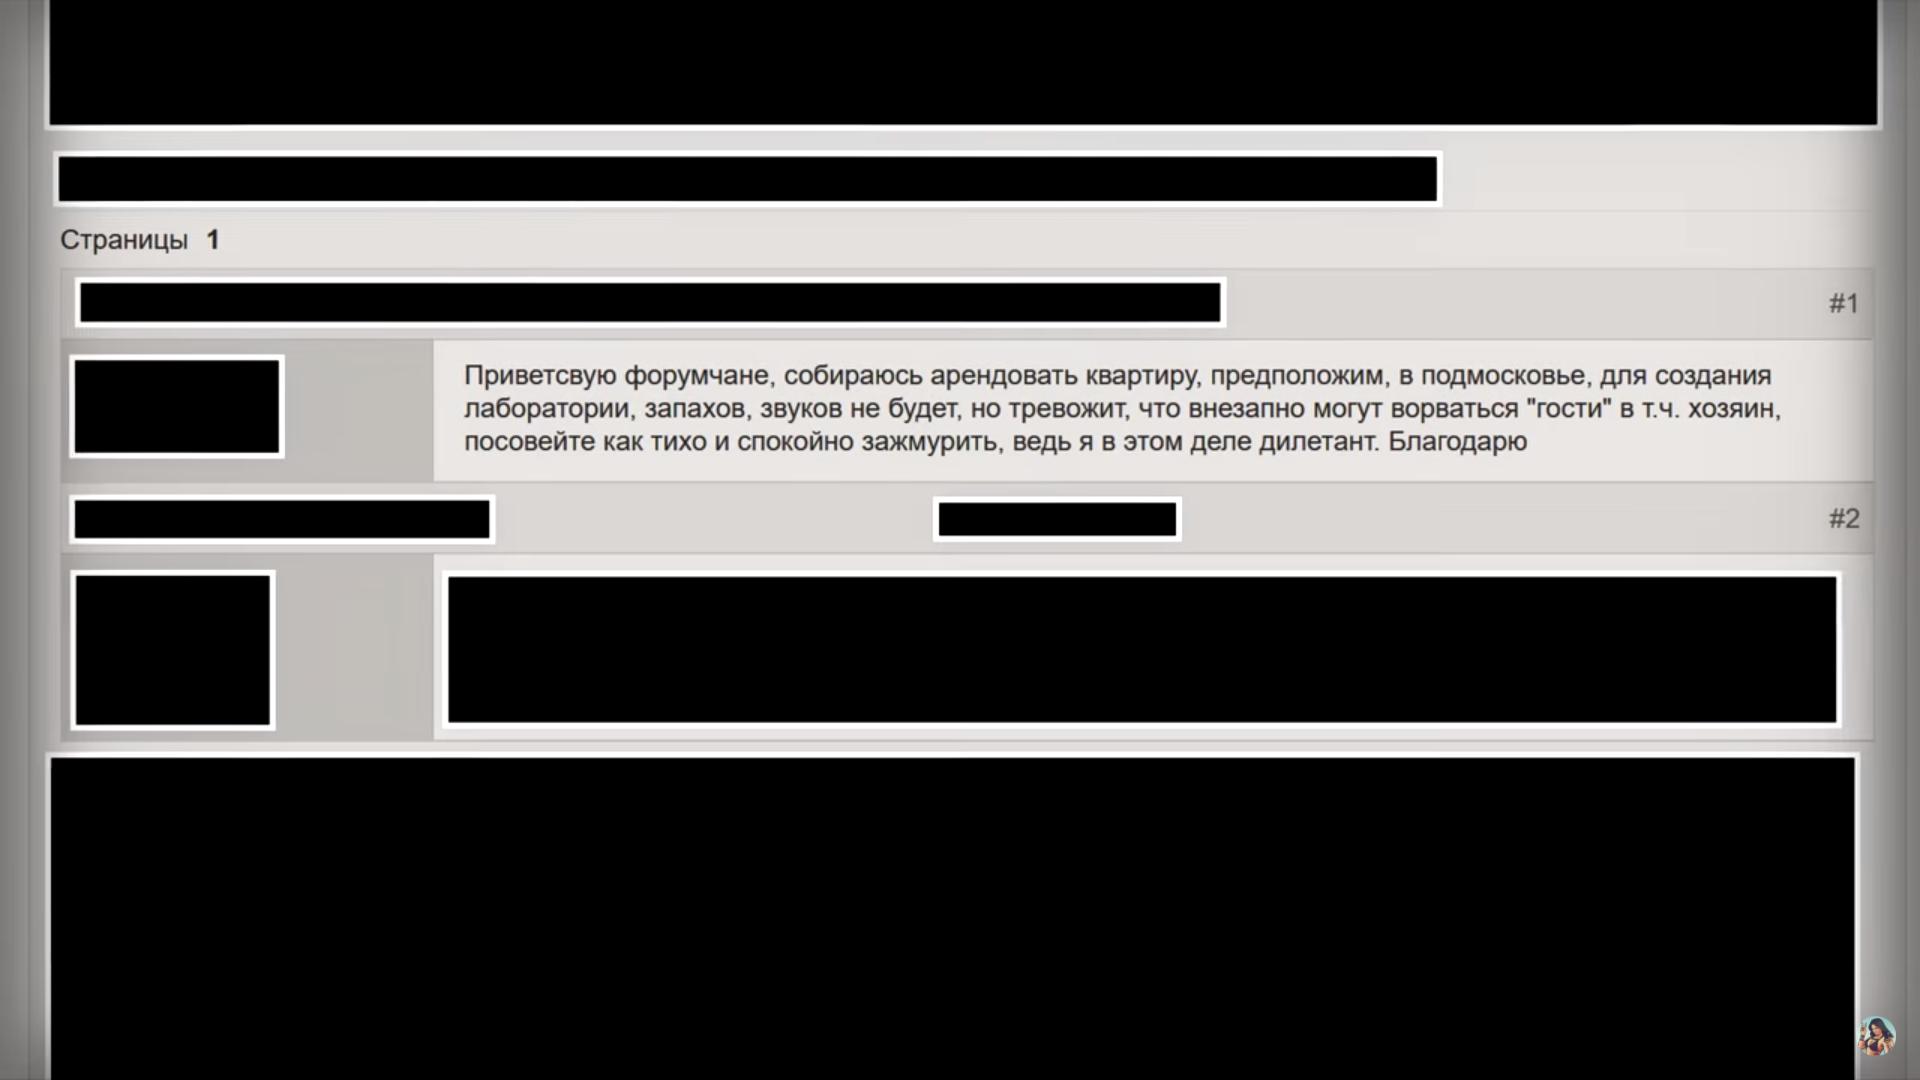 Прошивка darknet что это hyrda скачать бесплатно без регистрации и смс браузер тор hyrda